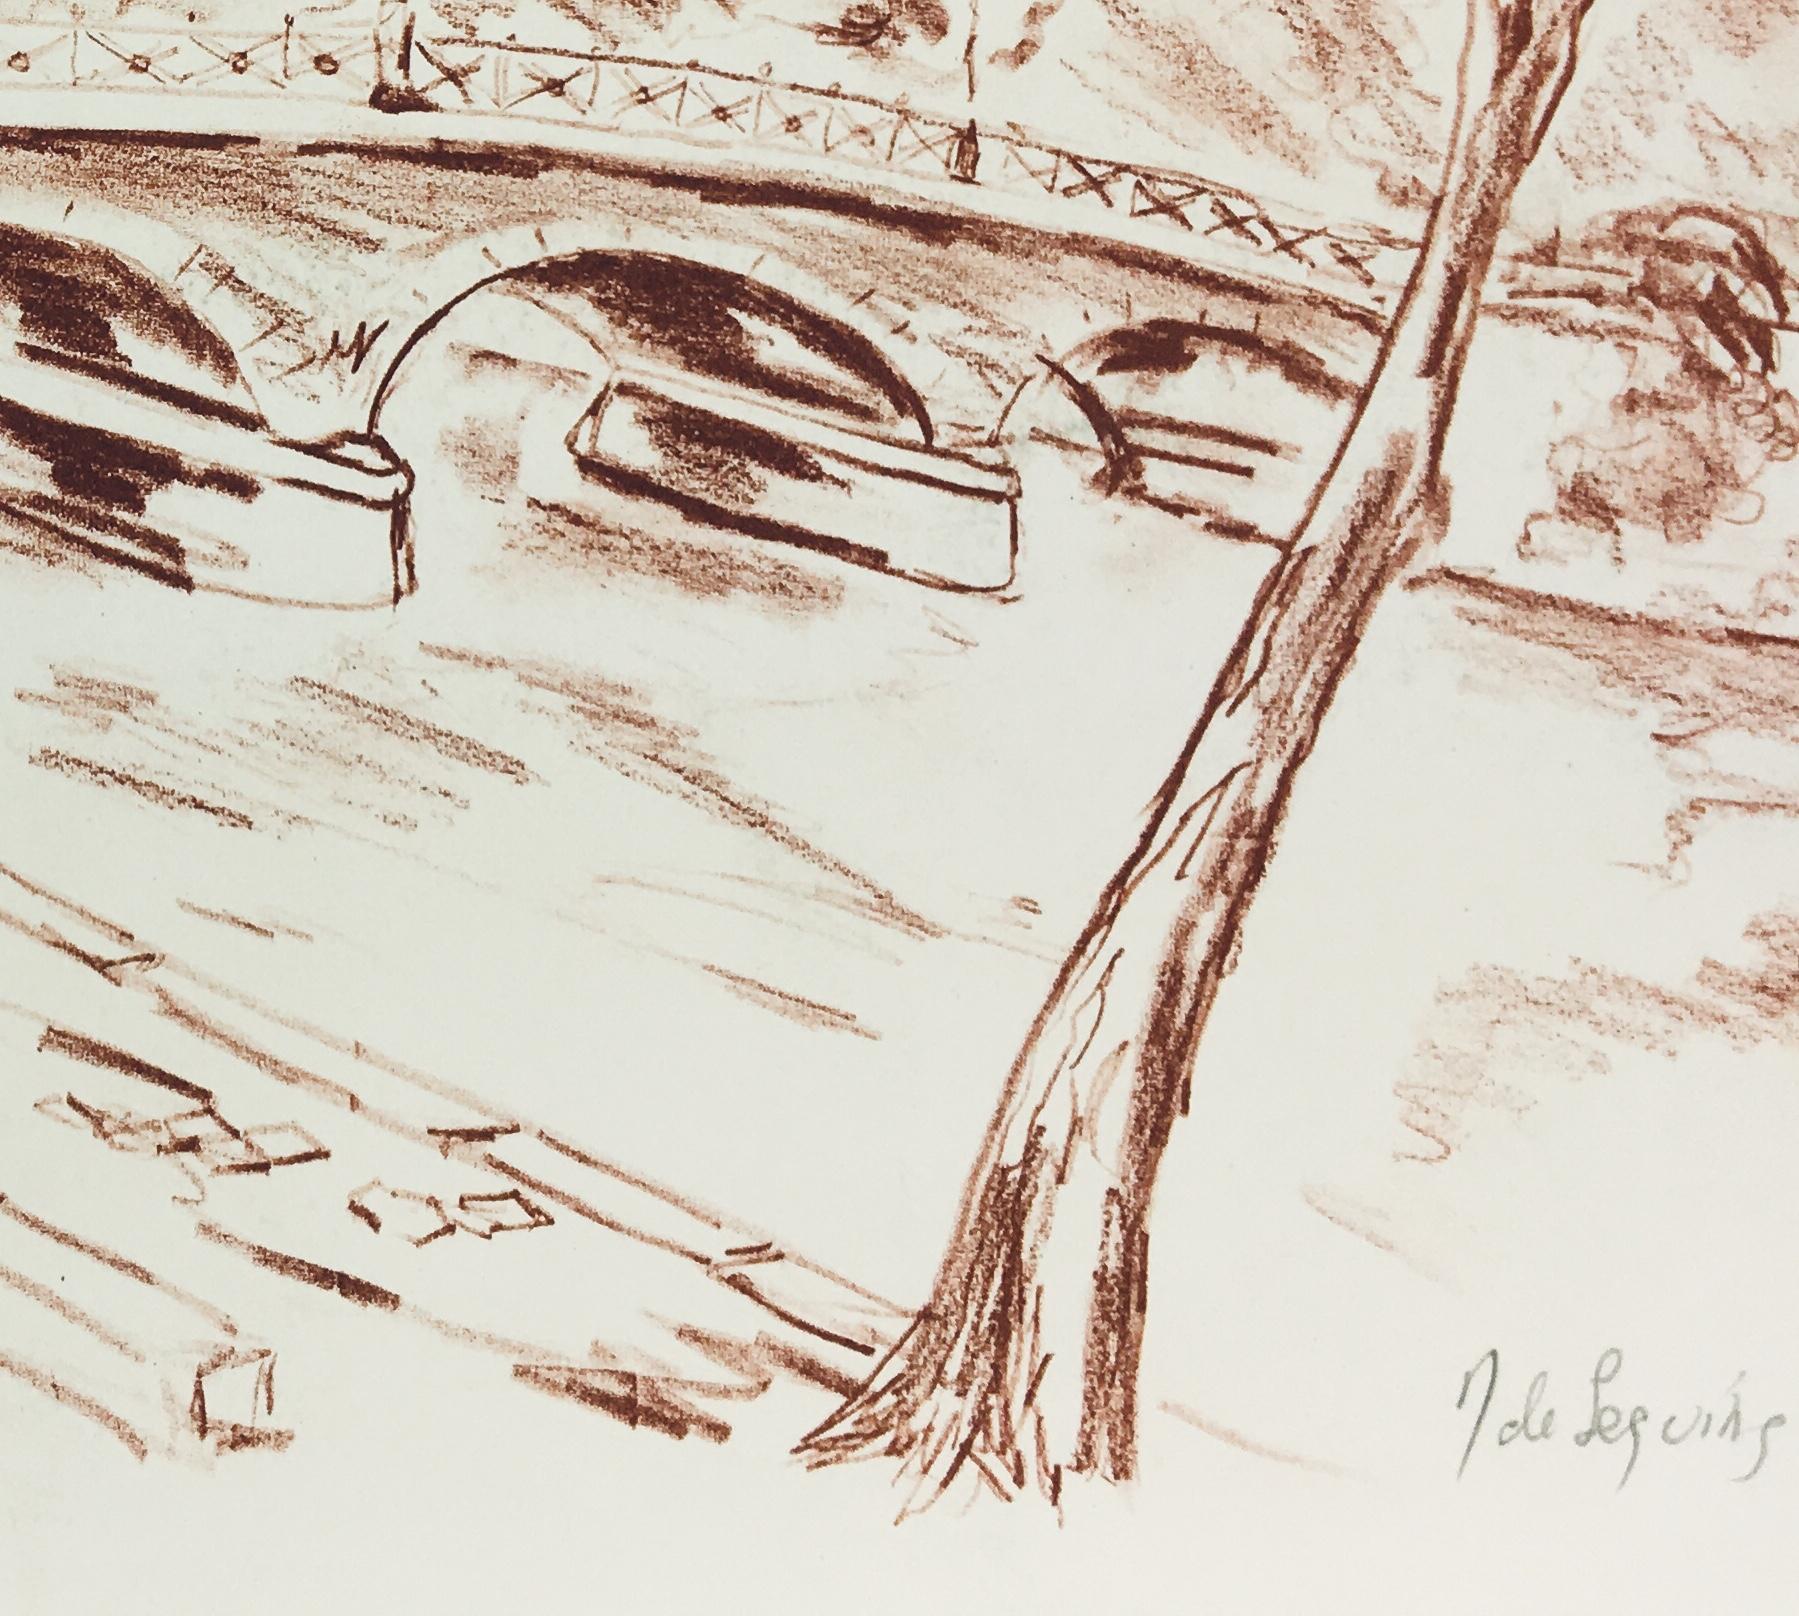 Paris, France Original Art - Pont de L' Archeveche, de Seguing, c.1970